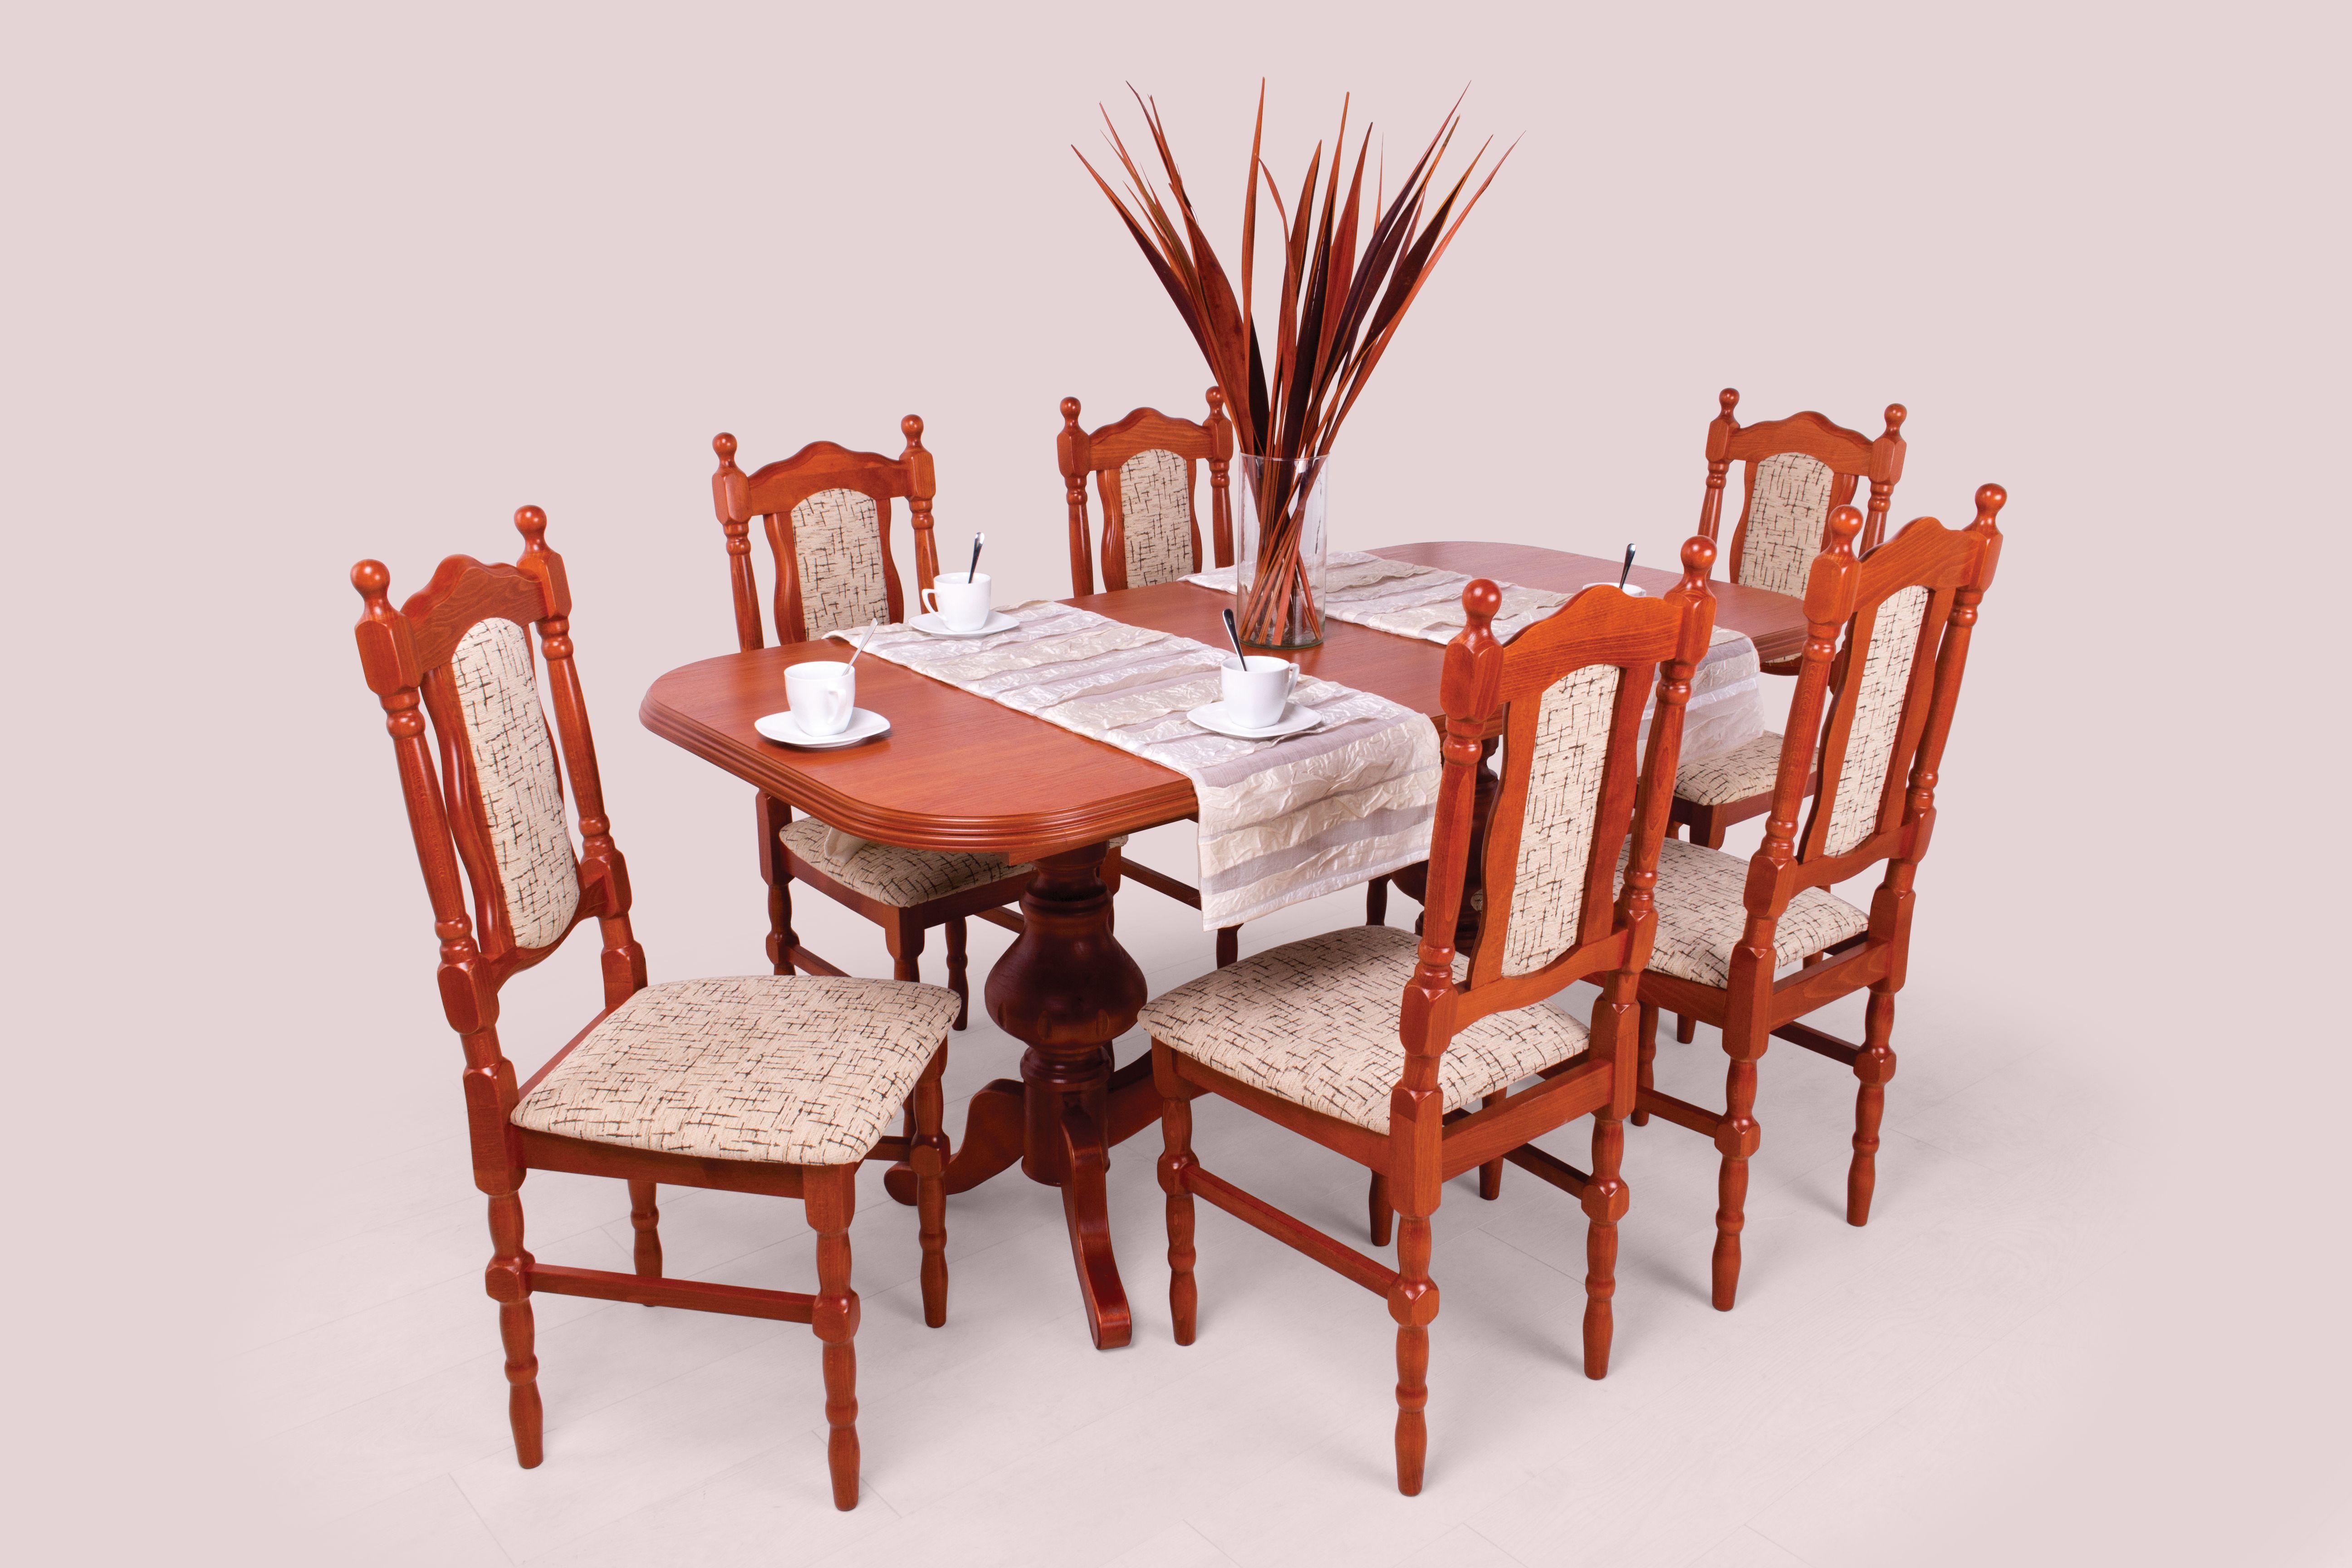 Wénusz-Európa étkező Wénusz-Európa asztallal (6 személyes) l http://megfizethetobutor.hu/etkezo/etkezogarnitura/6-szemelyes-etkezogarnitura/wenusz-europa-etkezo-wenusz-europa-asztallal-6-szemelyes